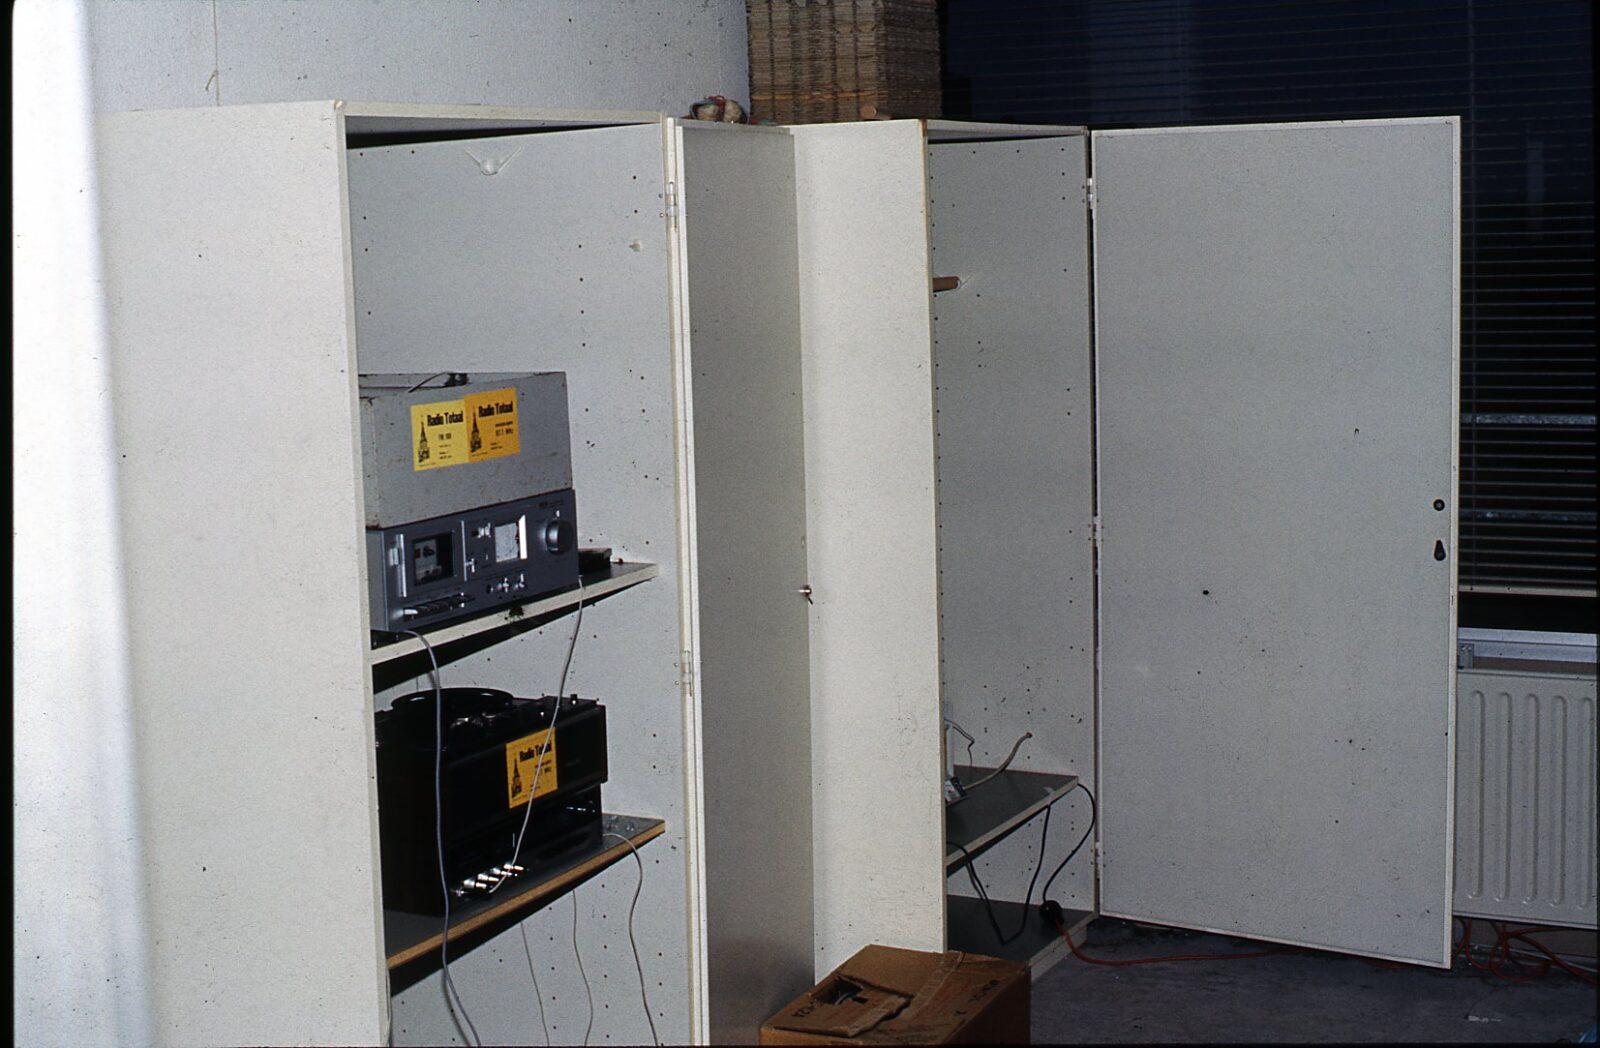 weezenhof kast met apparatuur 1